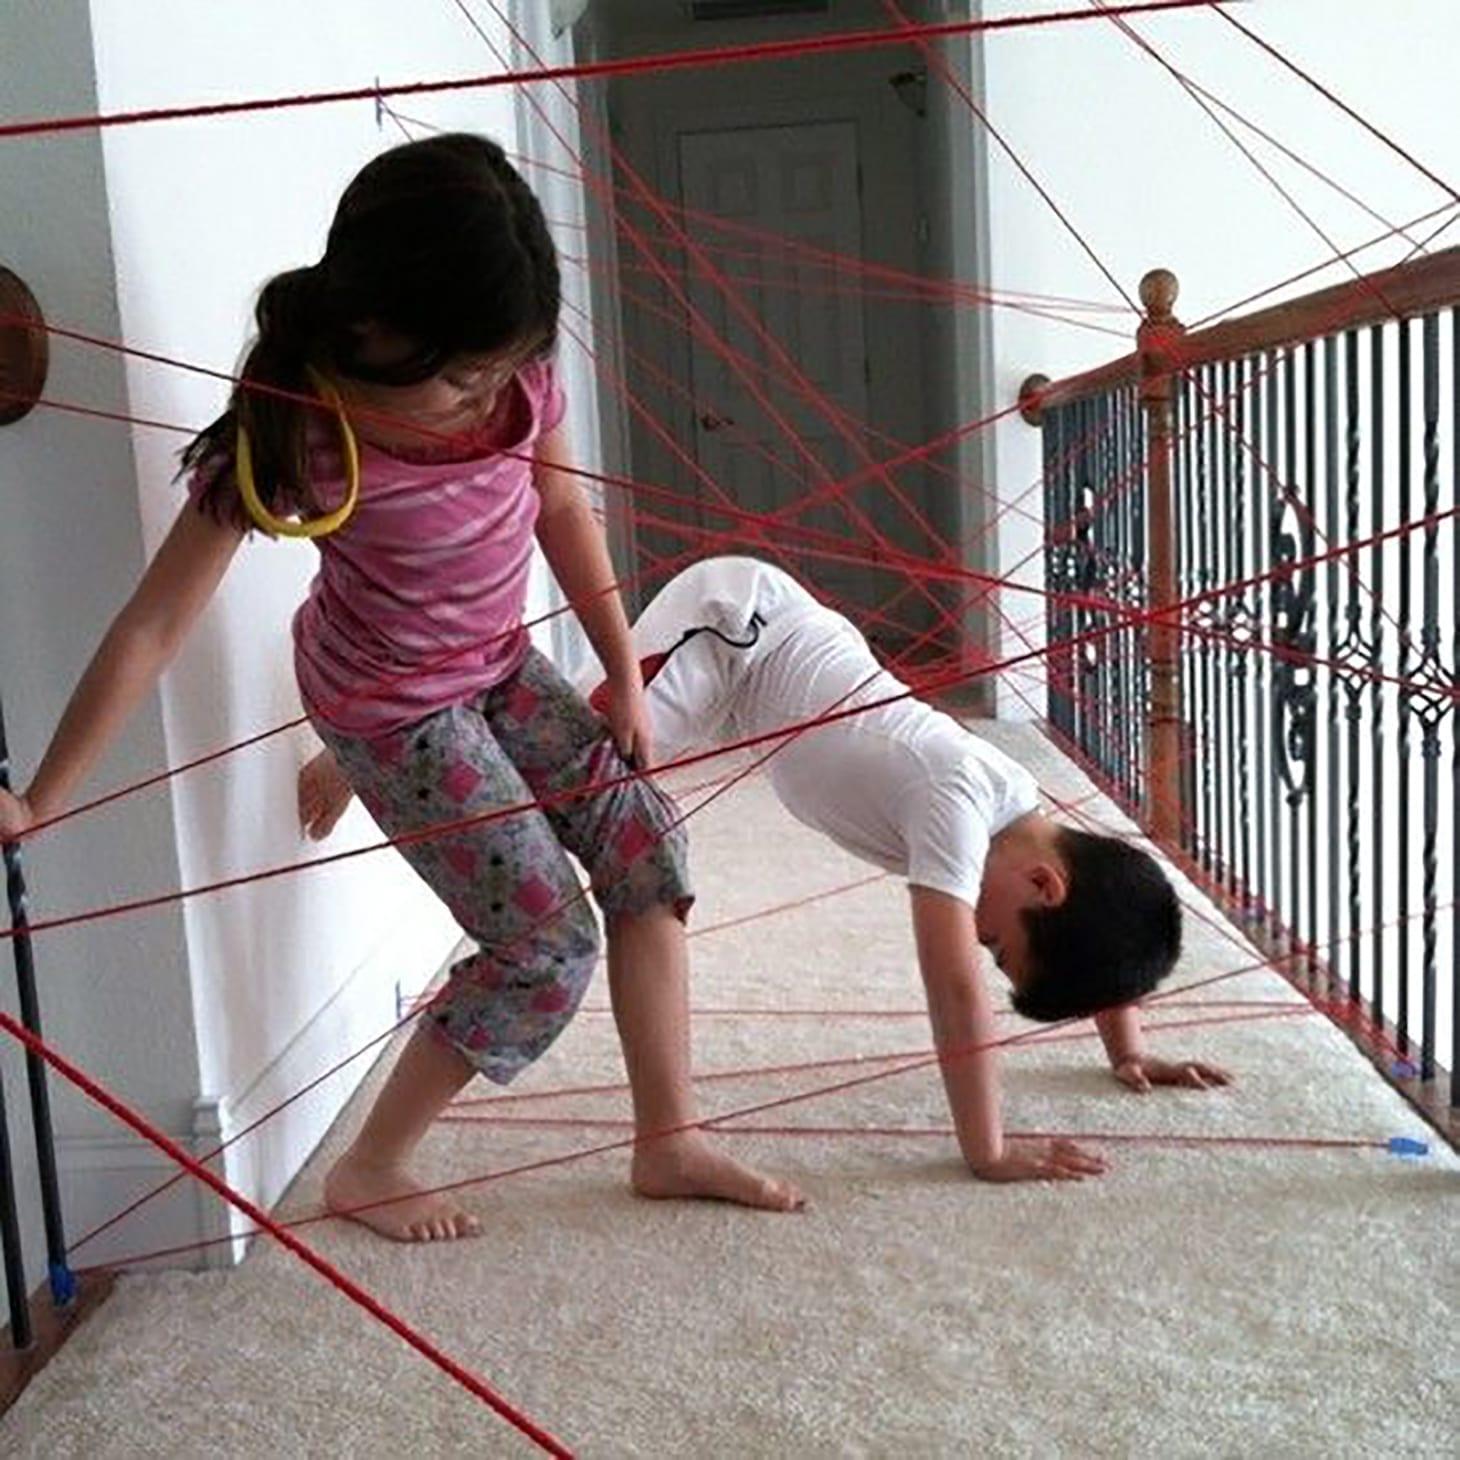 Obstacle Course Indoor DIY Kids